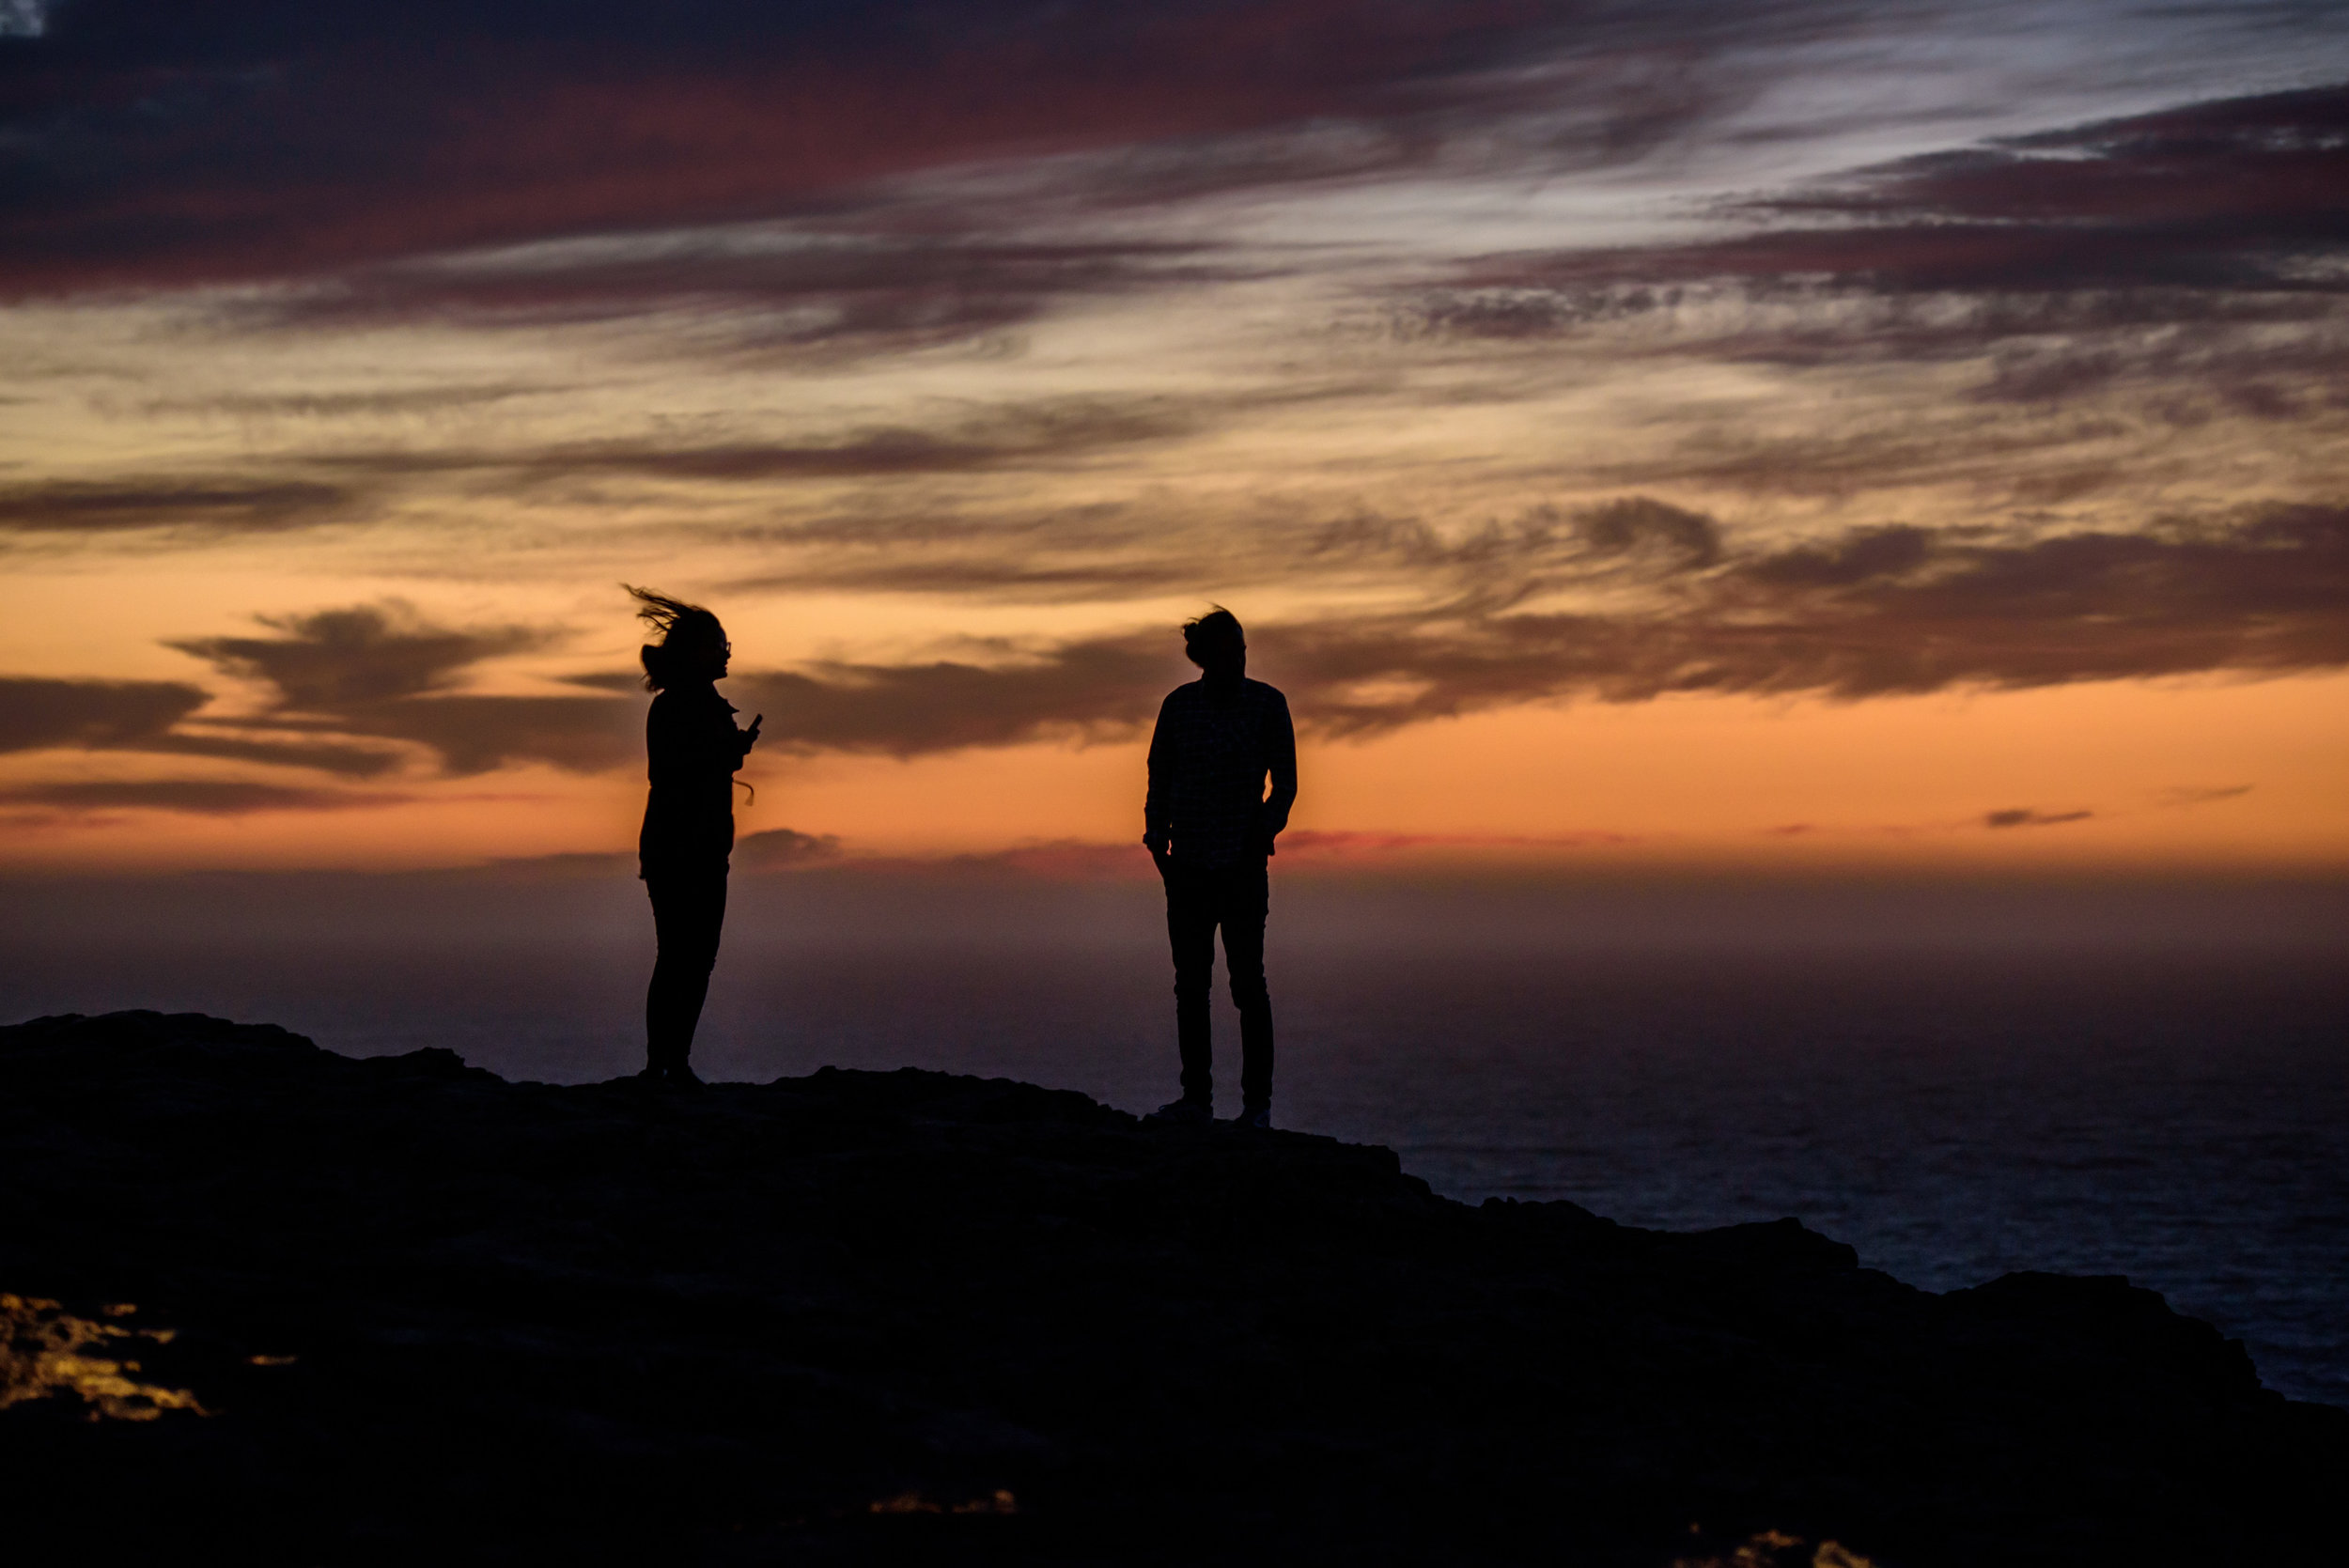 A very windy sunset [September 14]